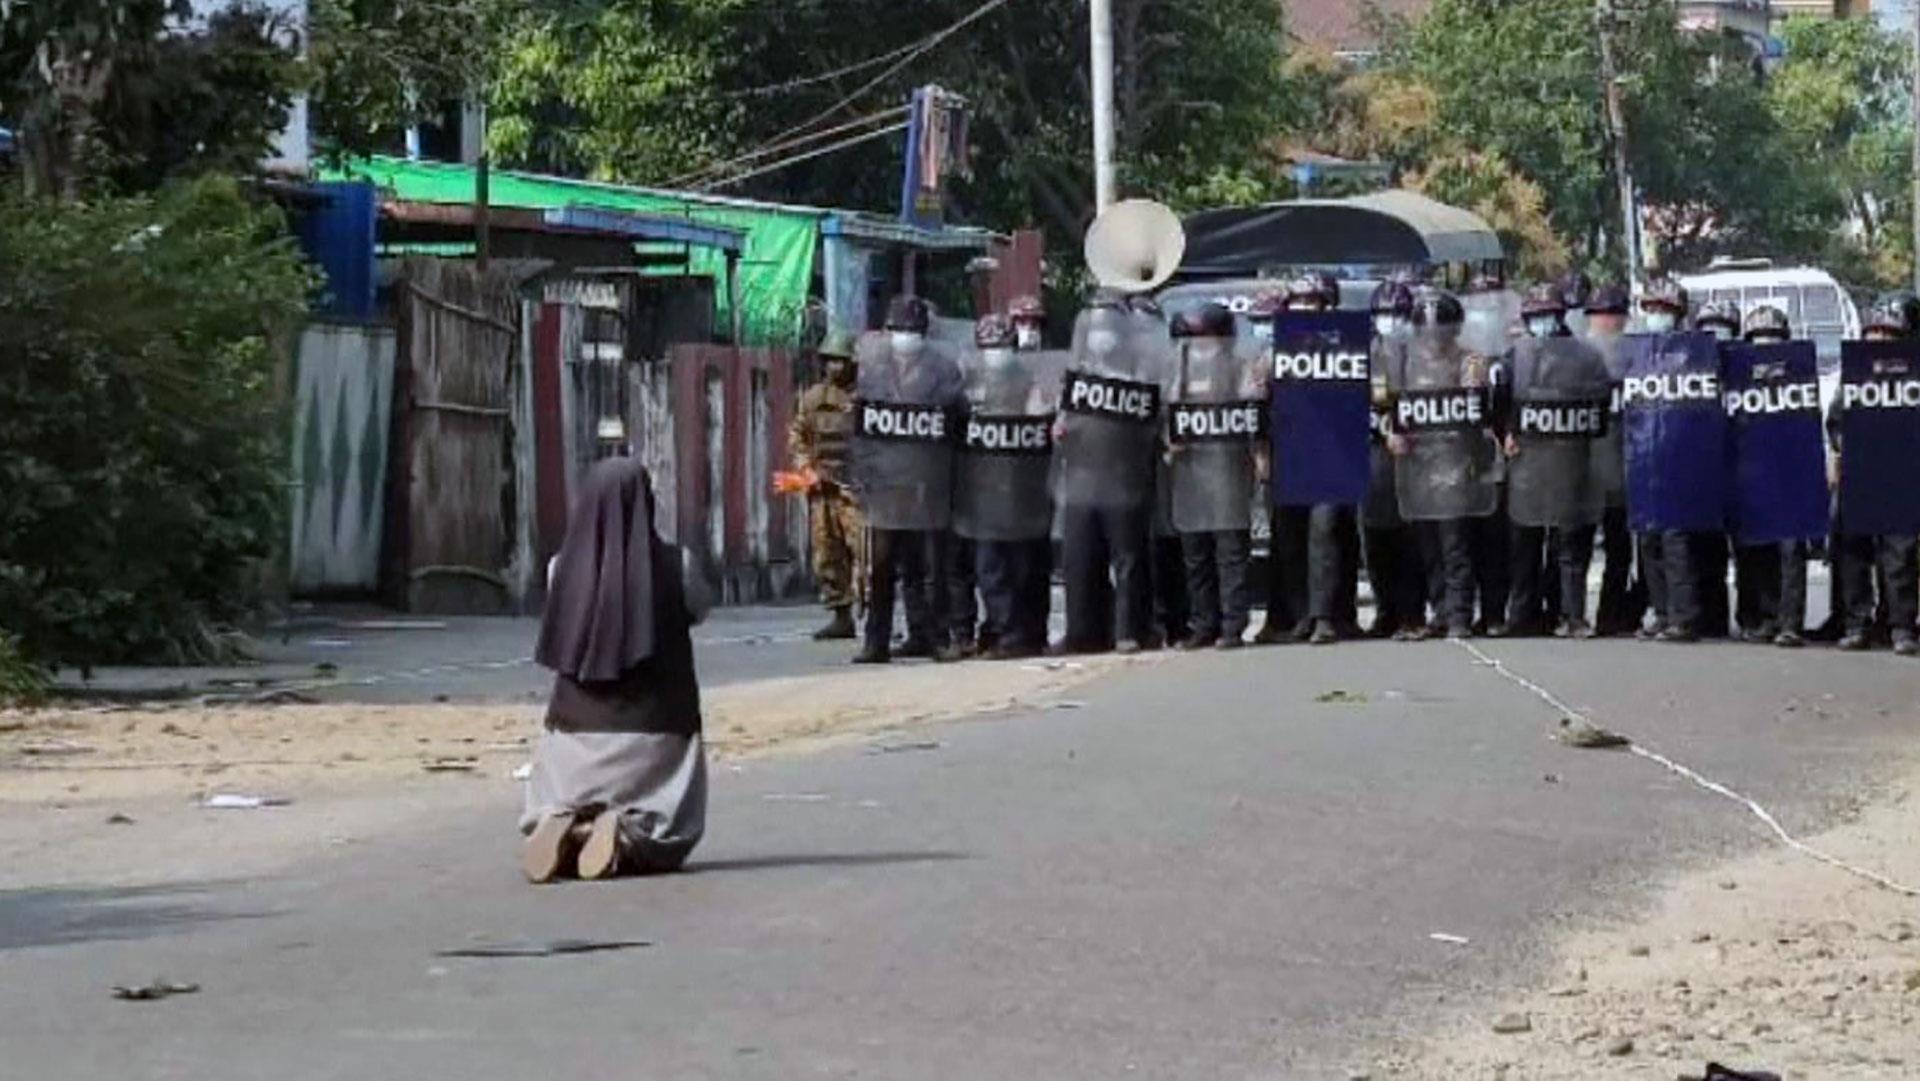 Darbecilere Karşı Bir Kadın: Myanmarlı Rahibeden Polise 'Beni Öldürün' Tepkisi